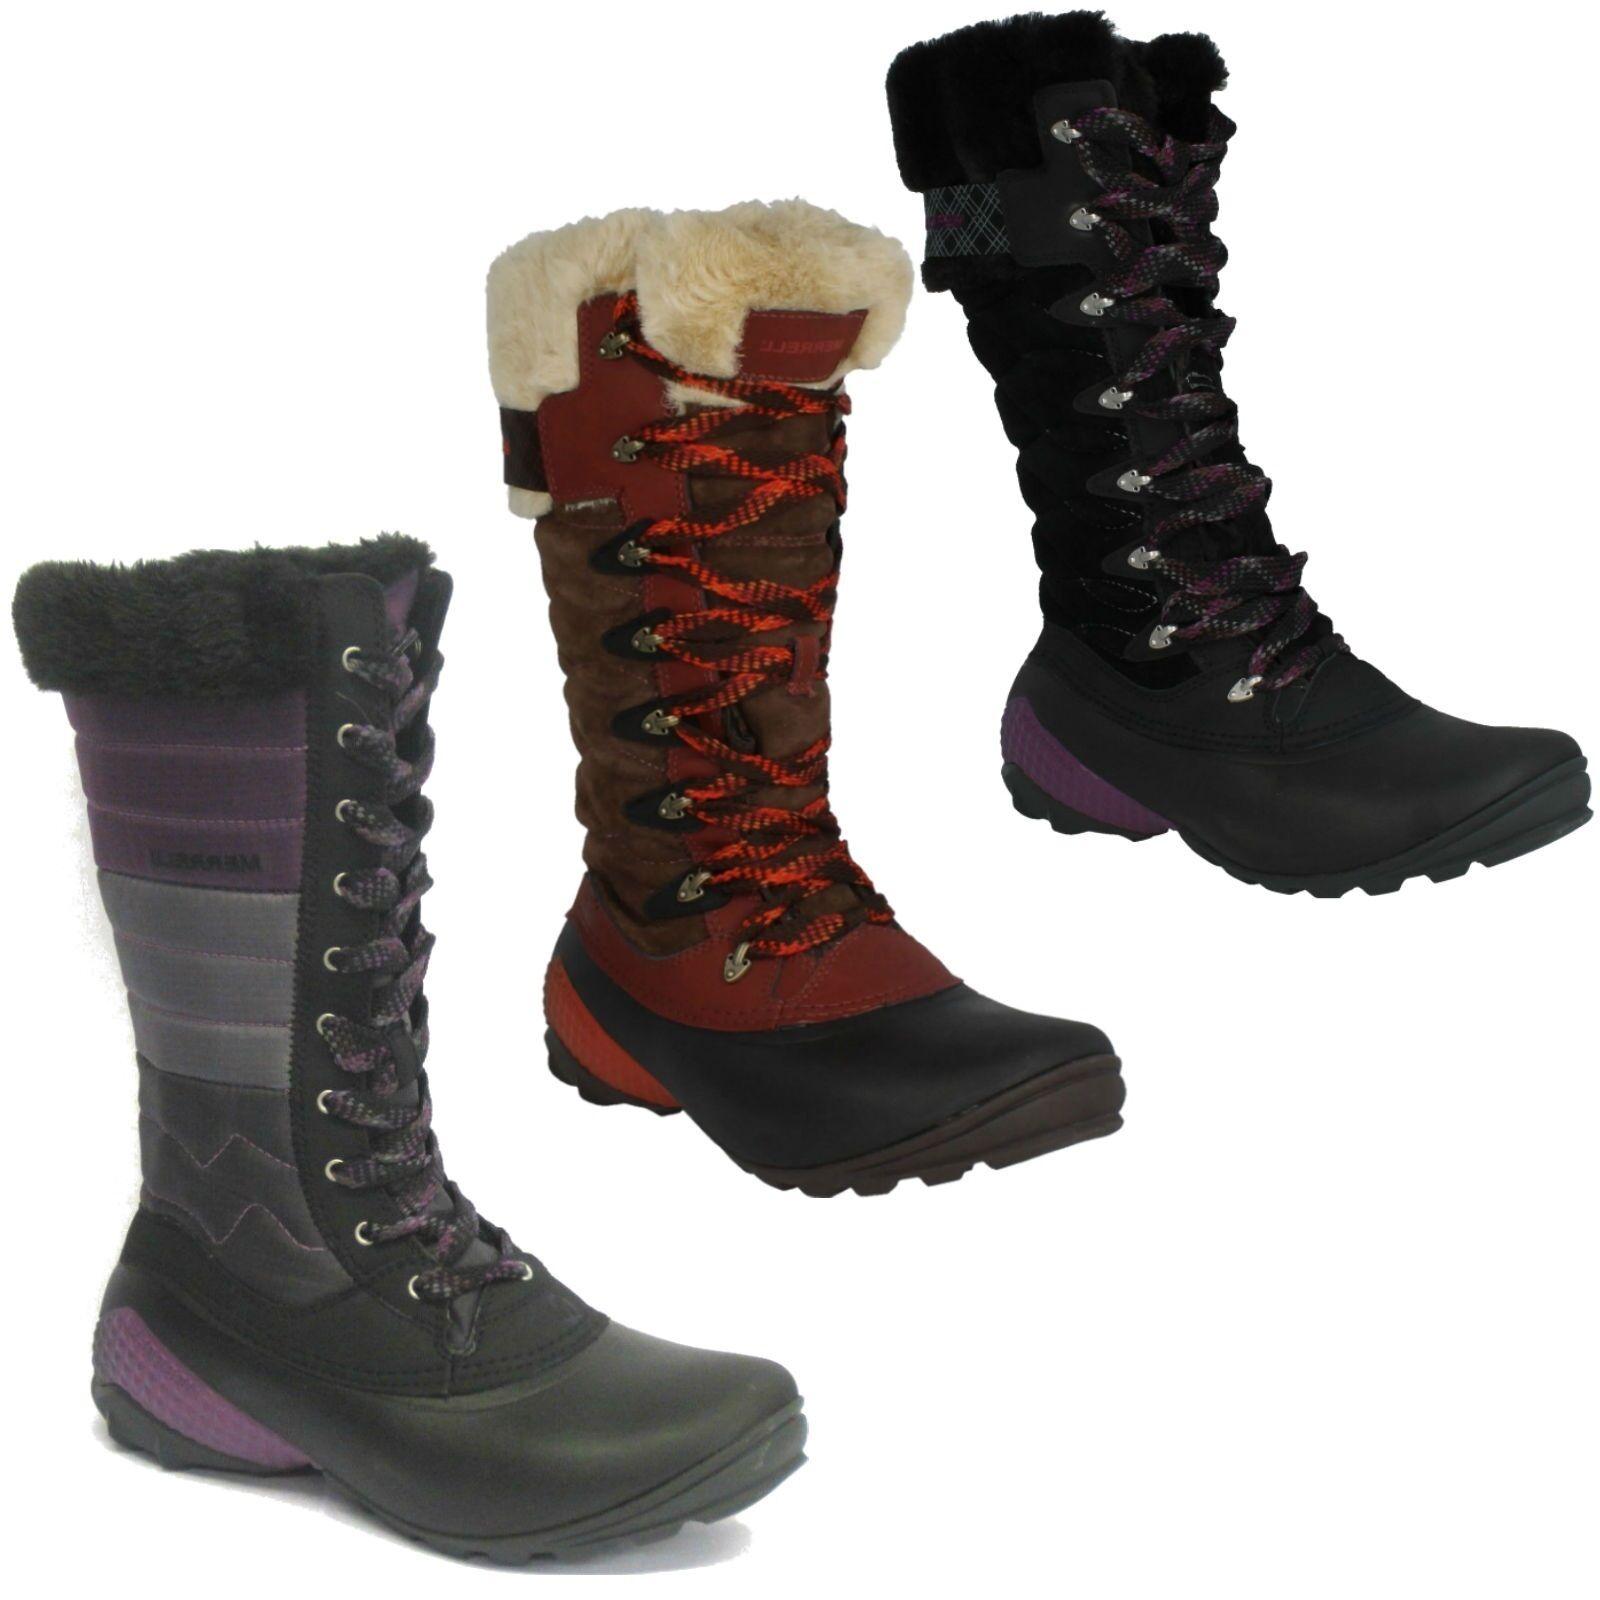 Señoras Winterbelle Peak Impermeables Merrell Mitad de Pantorrilla Cálidas Invierno botas De Nieve